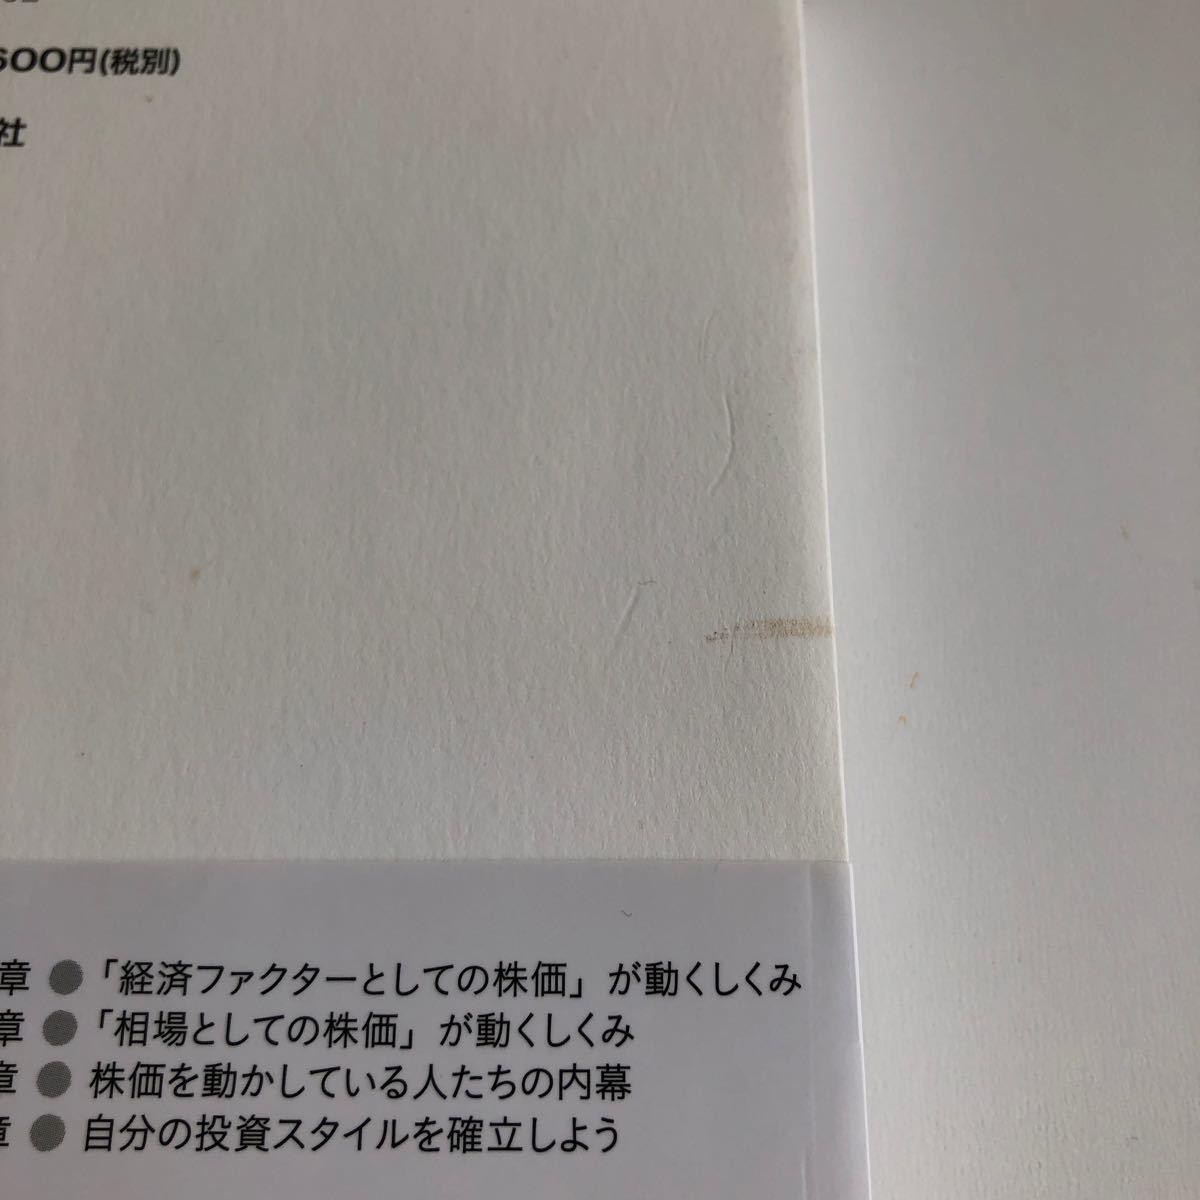 本当にわかる株式相場 株式市場 企業価値 株価 土屋敦子 ビジネス書 本